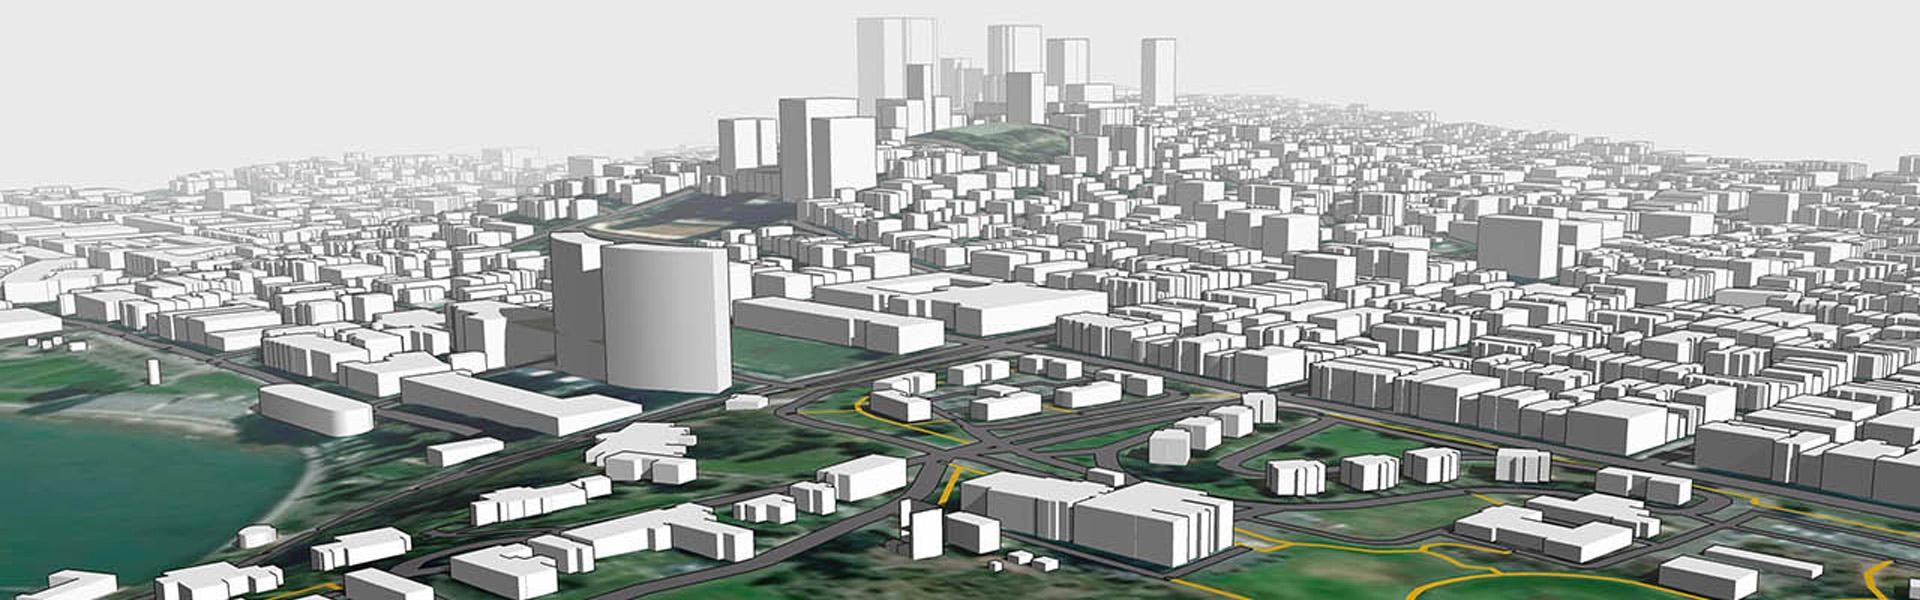 Modele urbanistyczne 3D Place Maker